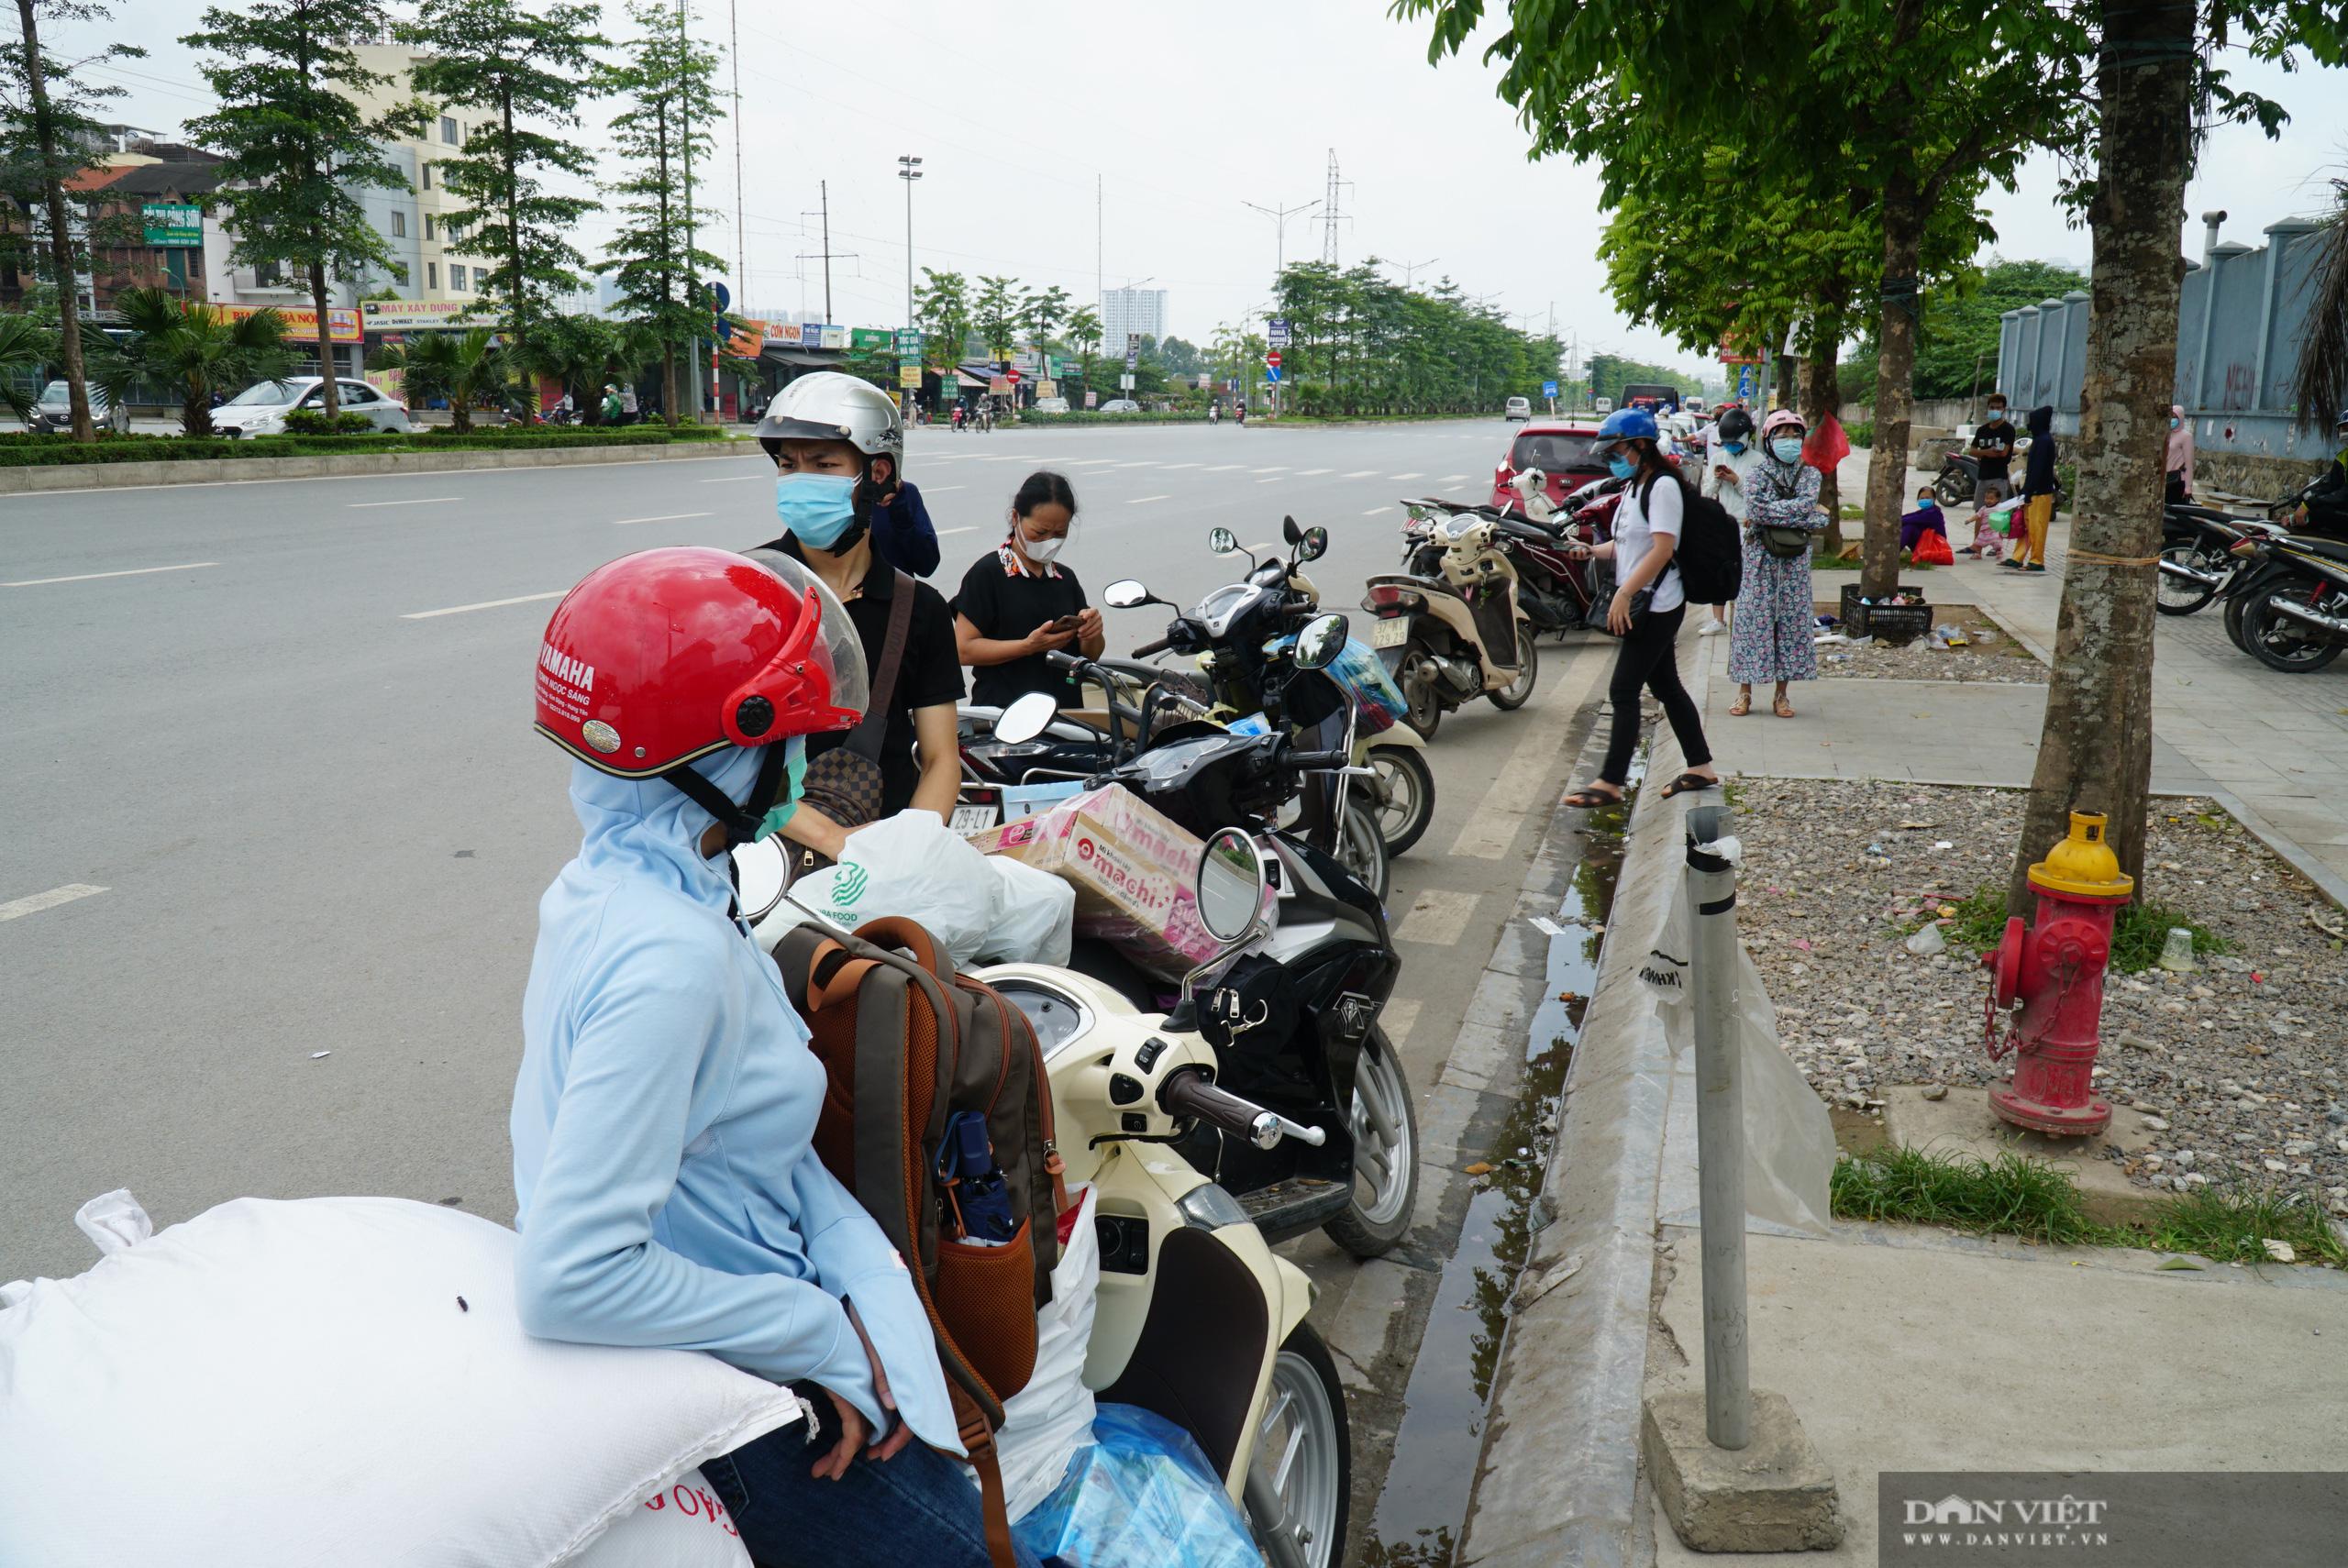 Bệnh viện K Tân Triều bị phong toả, người thân đội nắng tiếp tế đồ ăn - Ảnh 7.